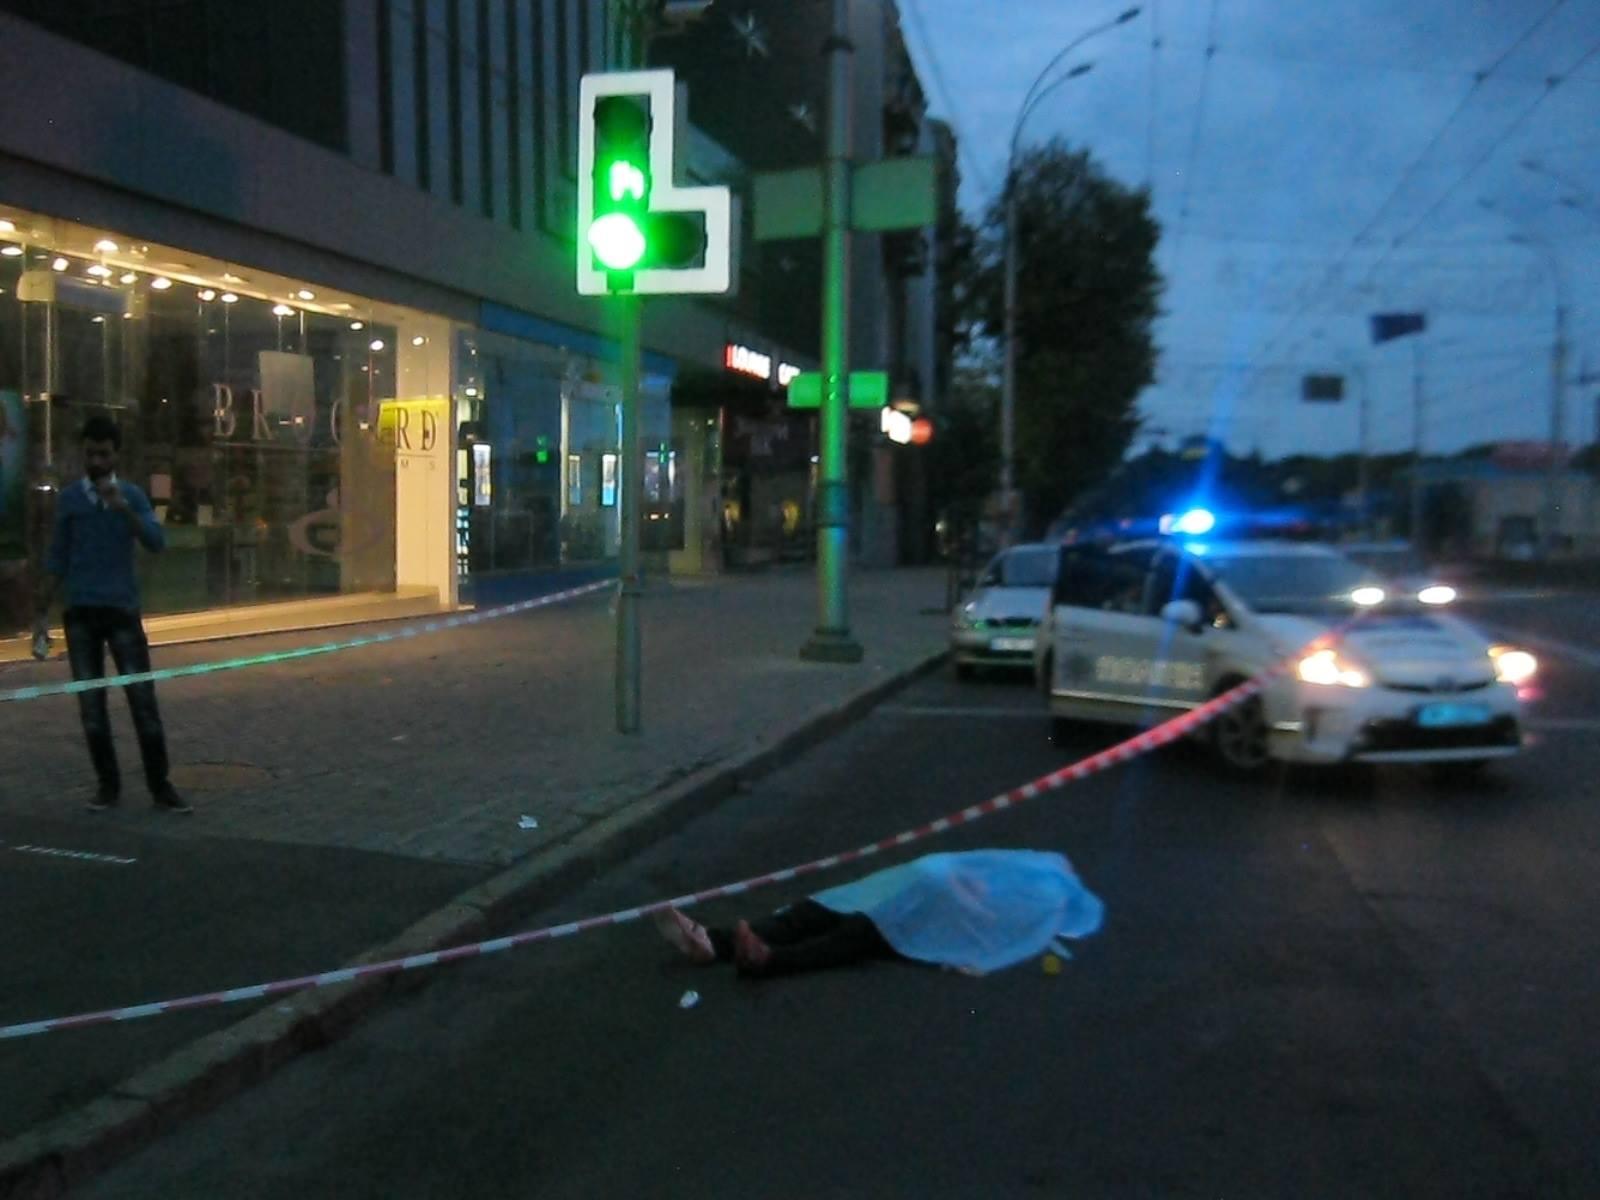 Мужчина, зарезавший иностранца в самом центре Харькова, подался в бега